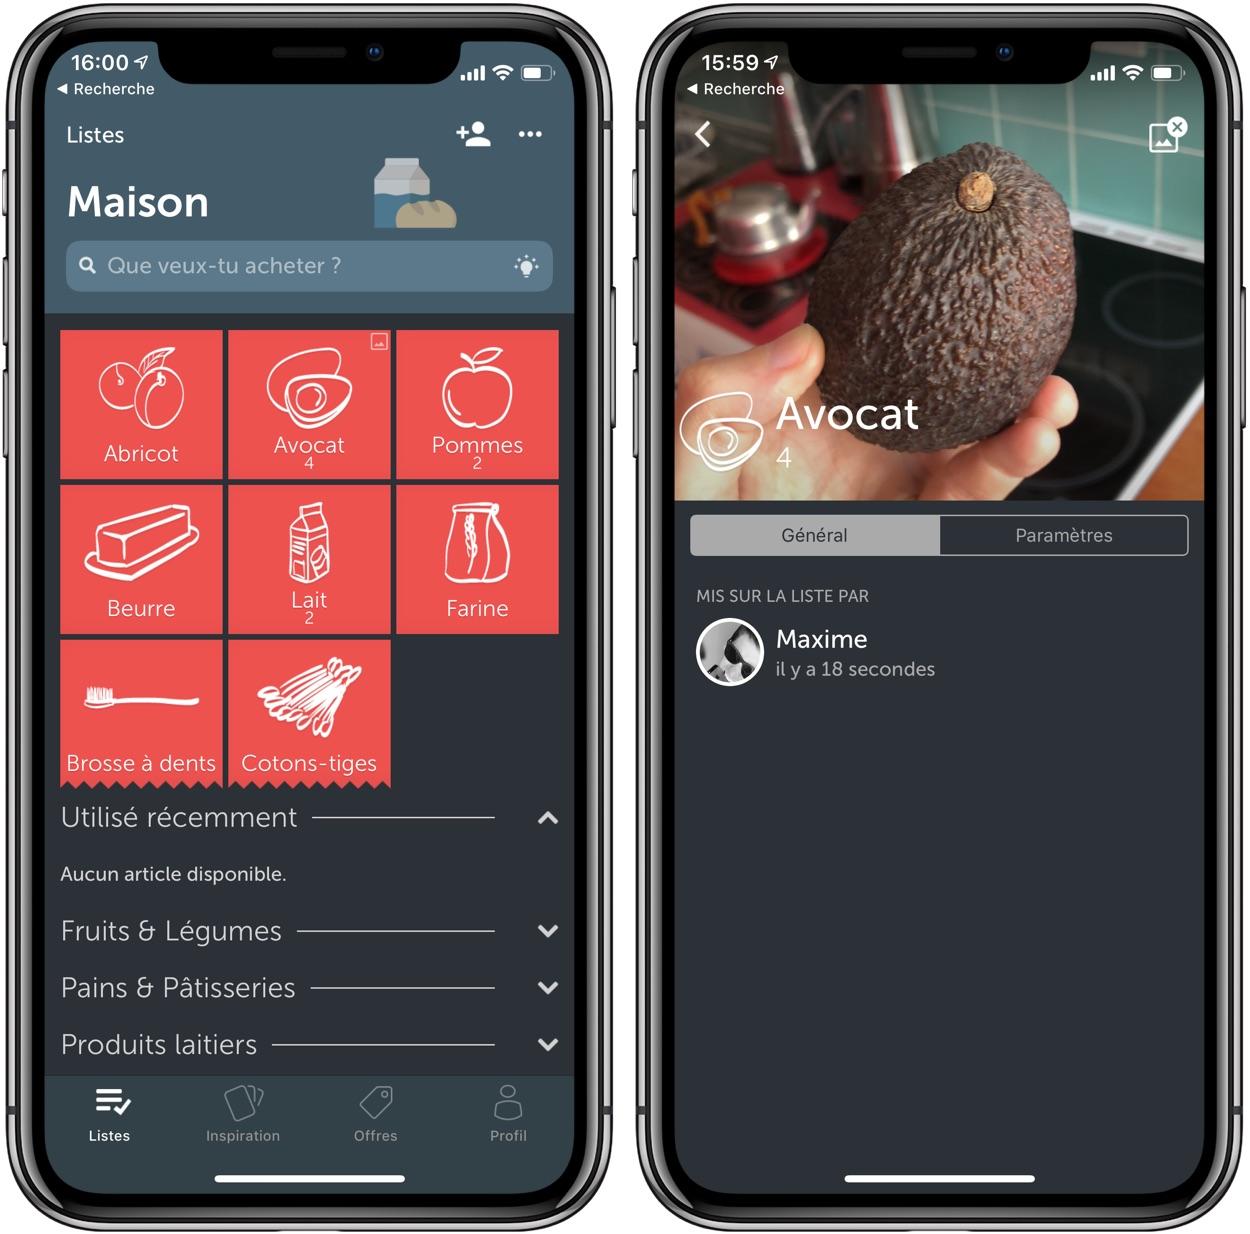 Découverte de l'app Bring: pour mieux gérer vos listes de courses sur iPhone 3